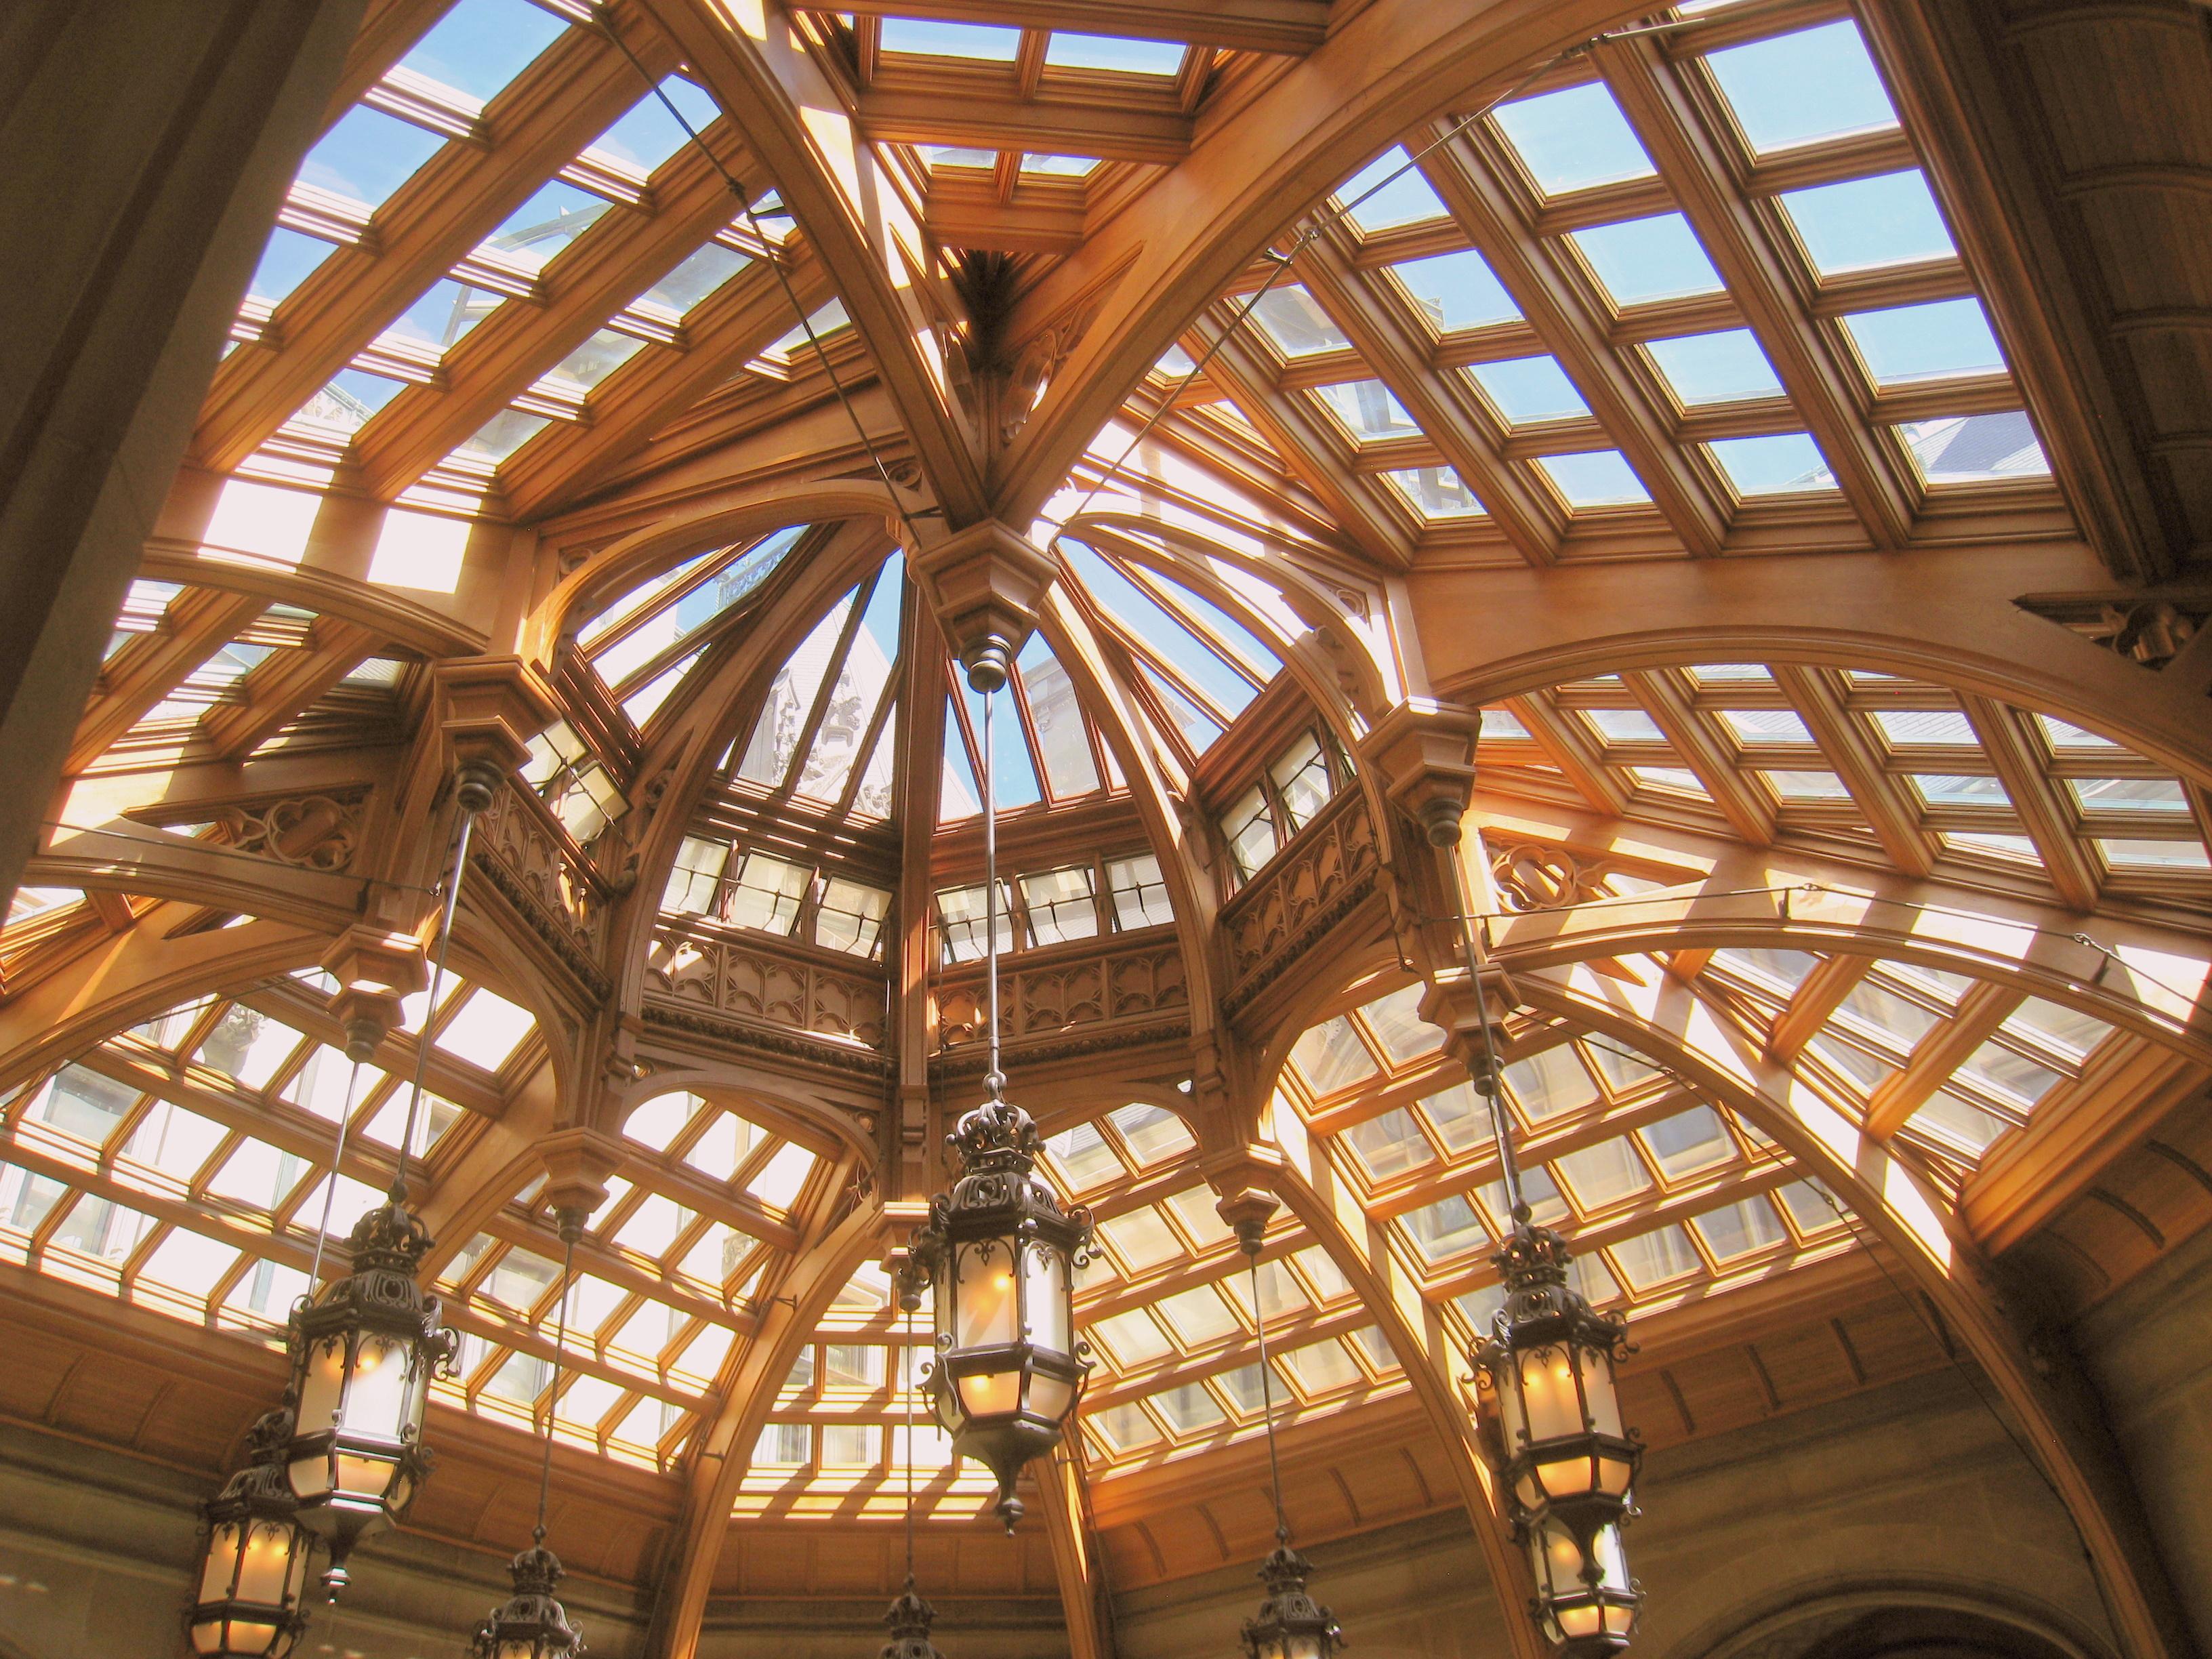 file biltmore estate interior garden dome jpg wikimedia commons